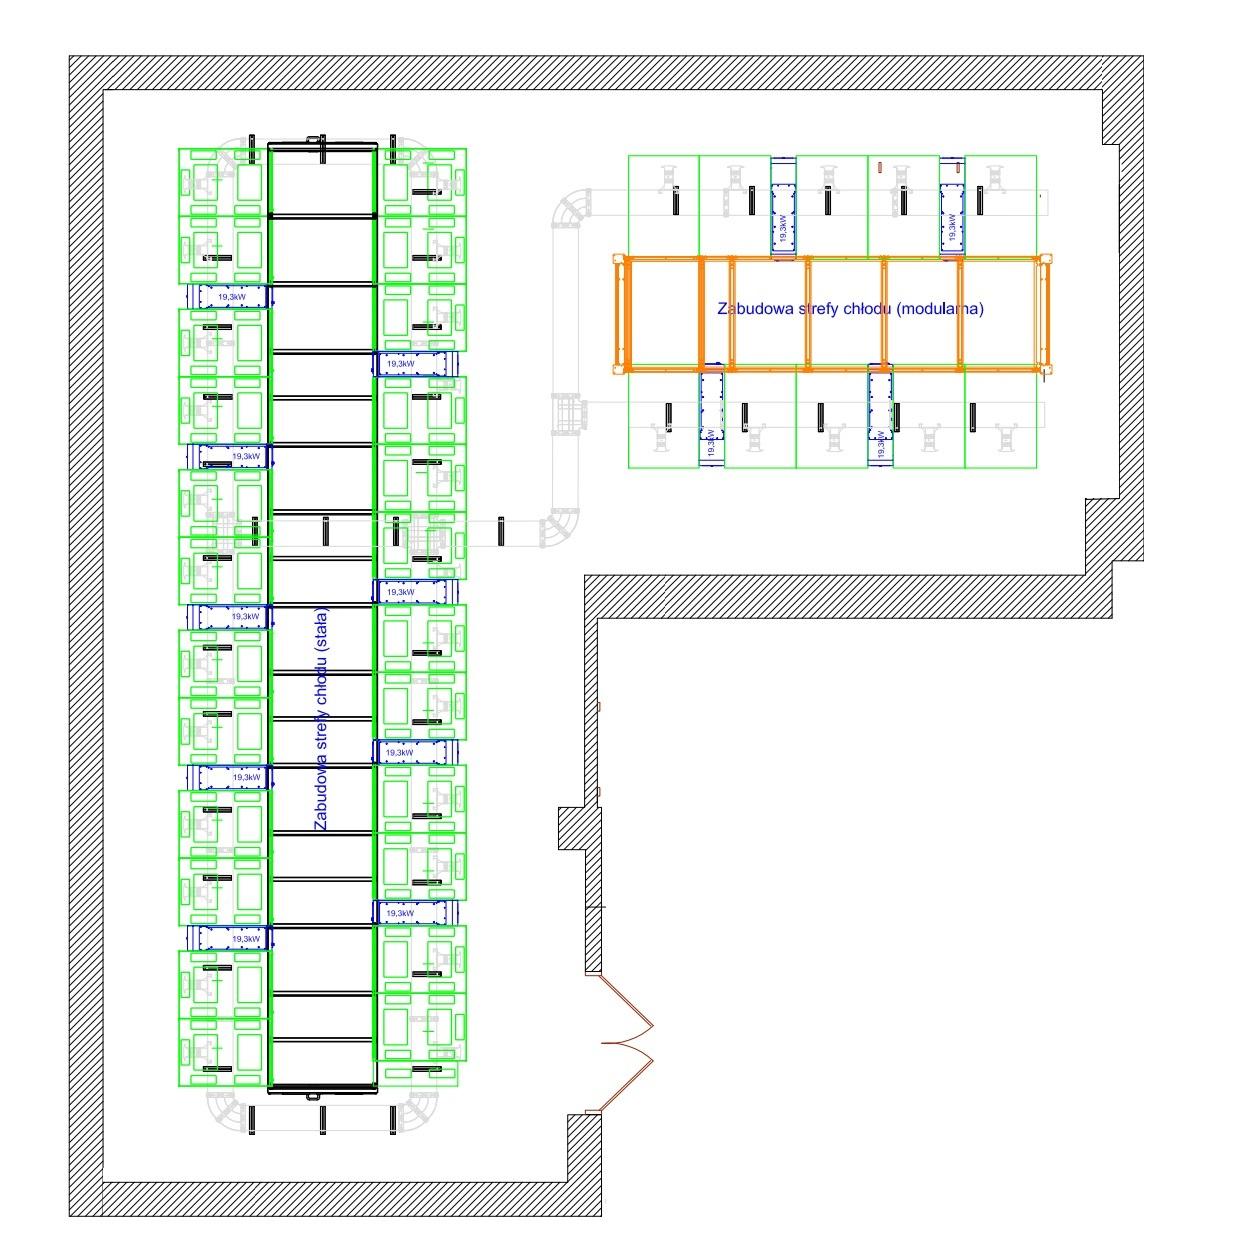 Przykład centrum danych o znaczeniu krytycznym i mocy 180 kW